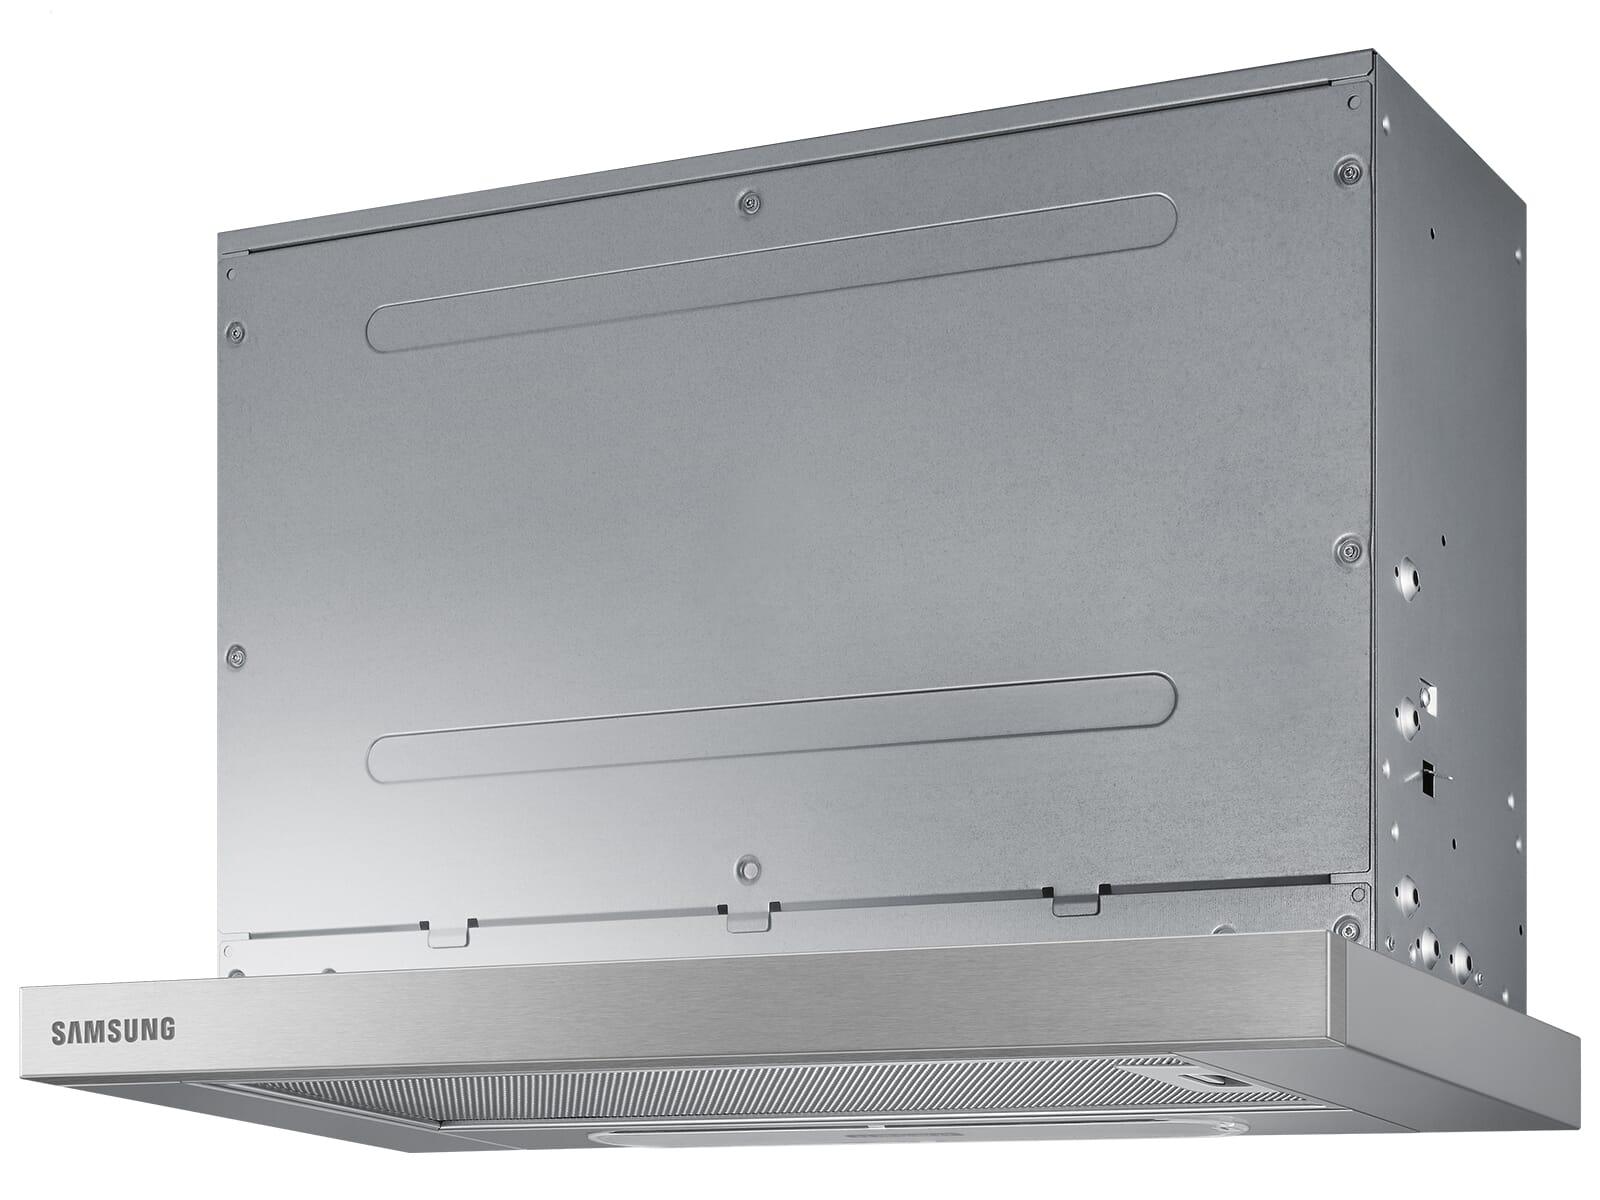 Samsung NK24N1331IS/UR Flachschirmhaube 60 cm Edelstahl